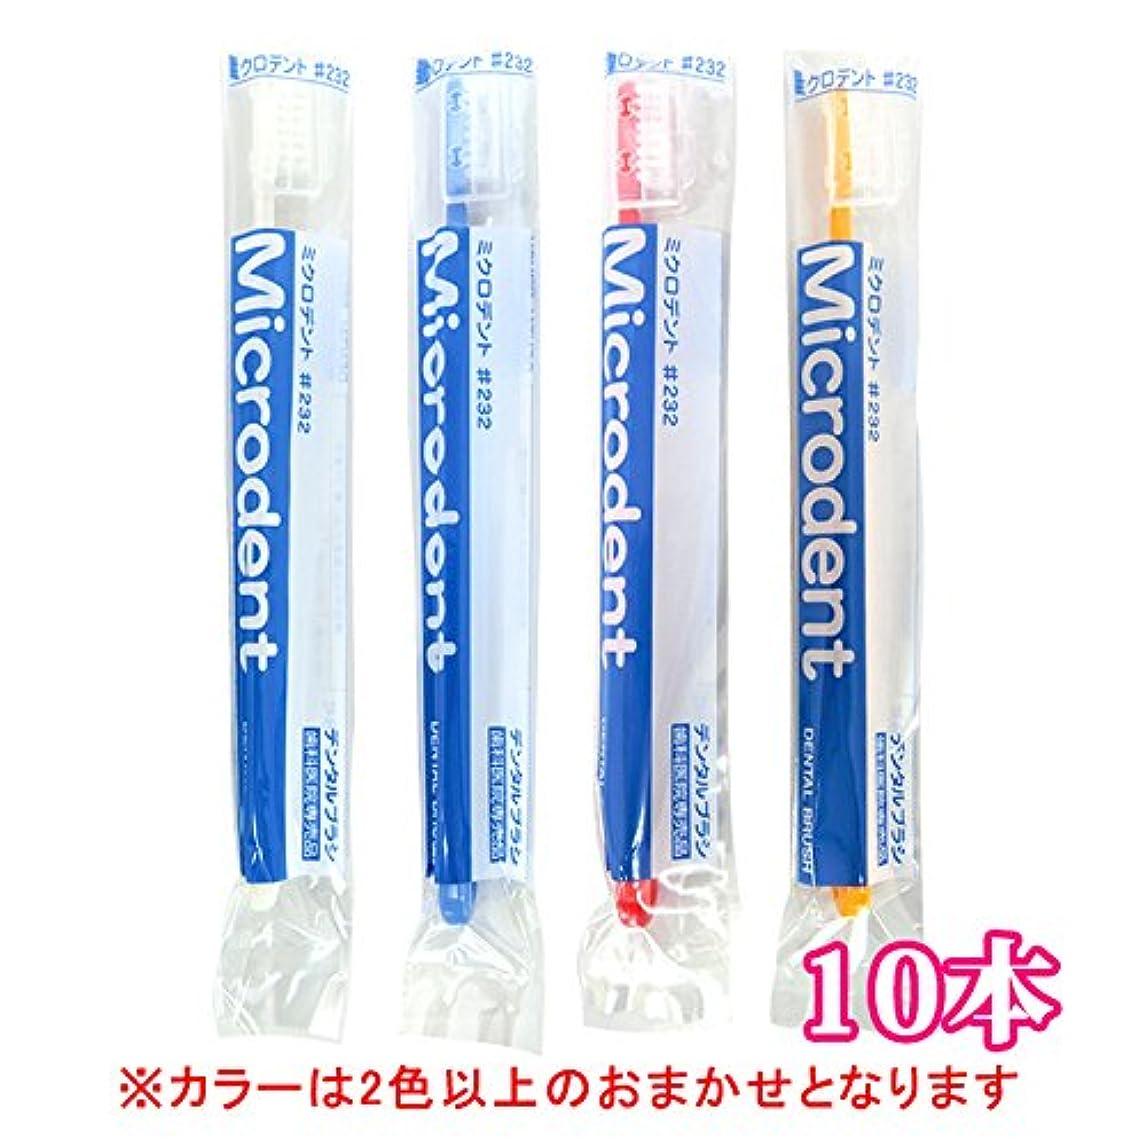 ドラフトヘロイン噴火ミクロデント(Microdent) 10本 (#232)【毛の硬さ:ふつう】歯科専売品